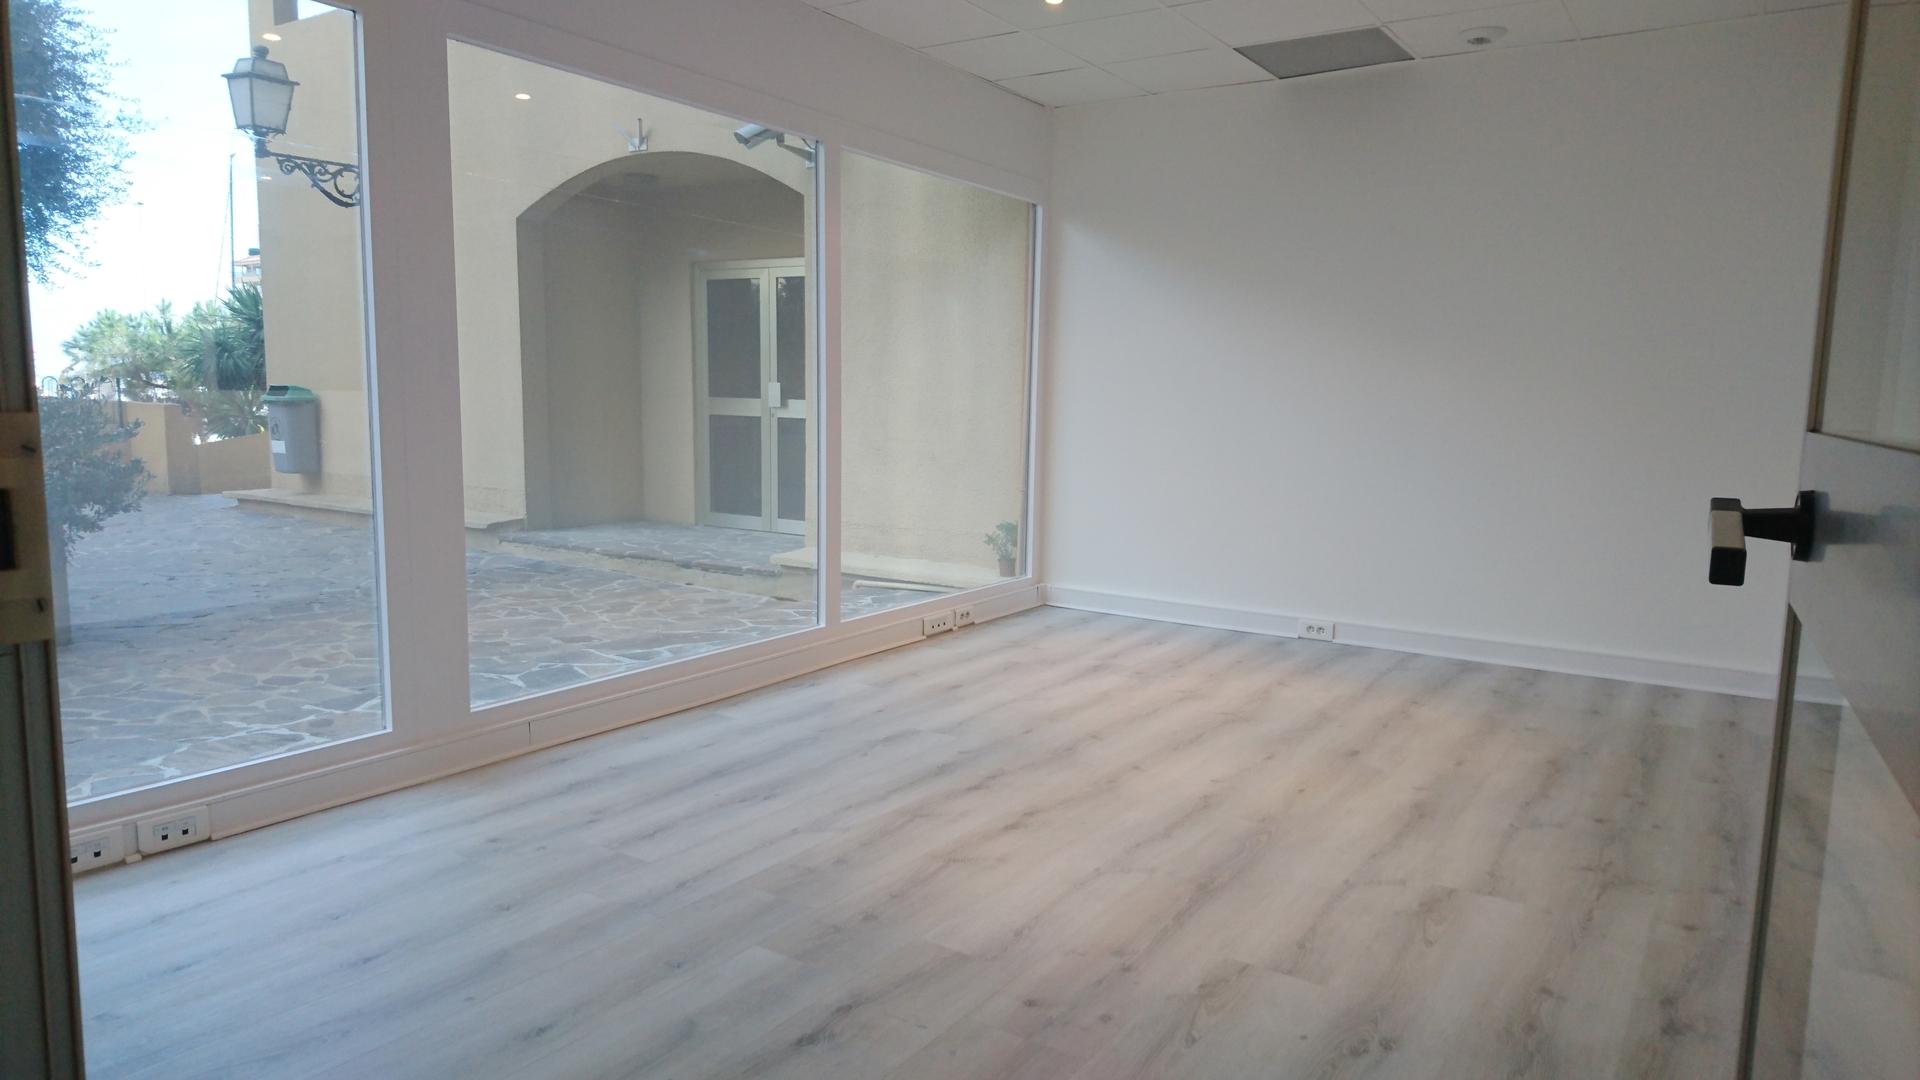 bureaux a vendre quartier de fontvieille bureaux vendre monaco. Black Bedroom Furniture Sets. Home Design Ideas